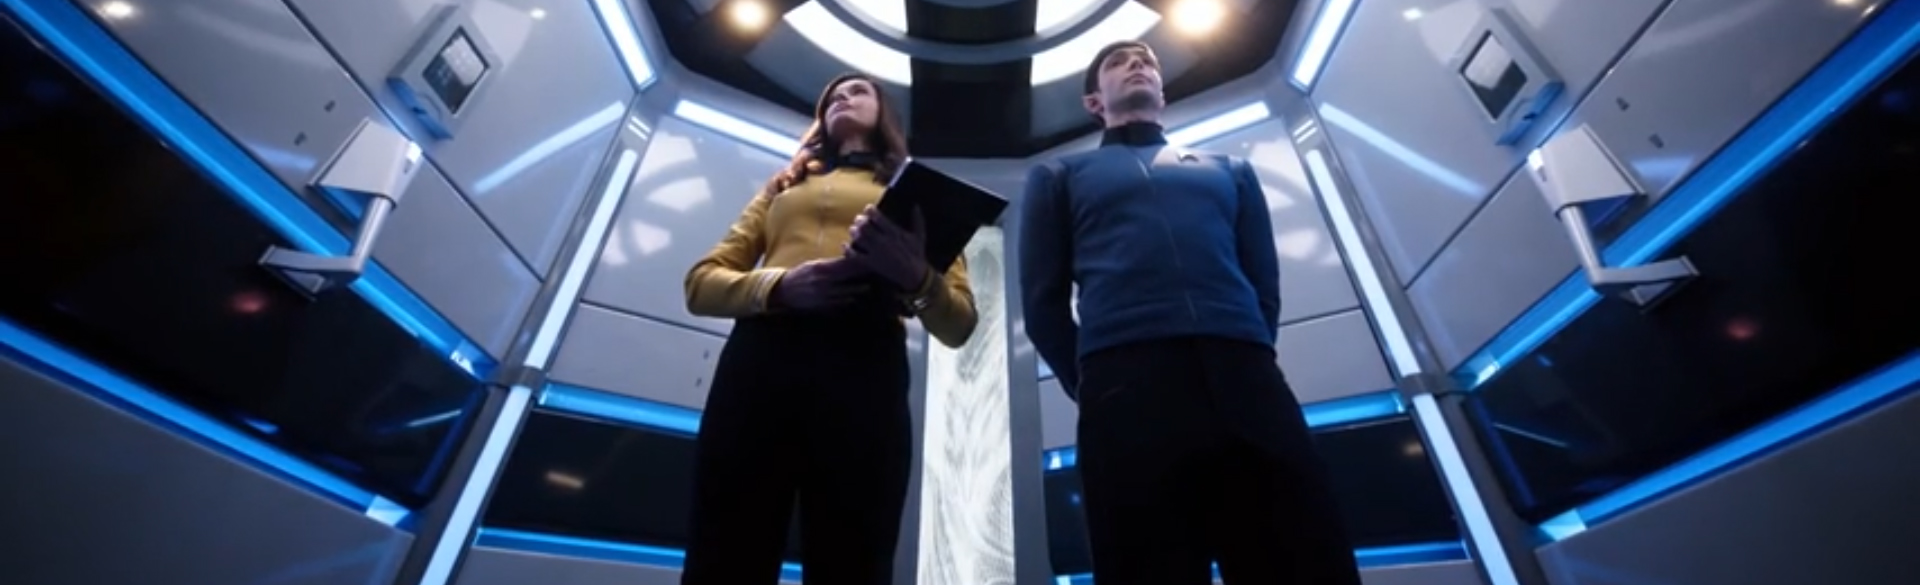 Star Trek Short Treks: Q&A